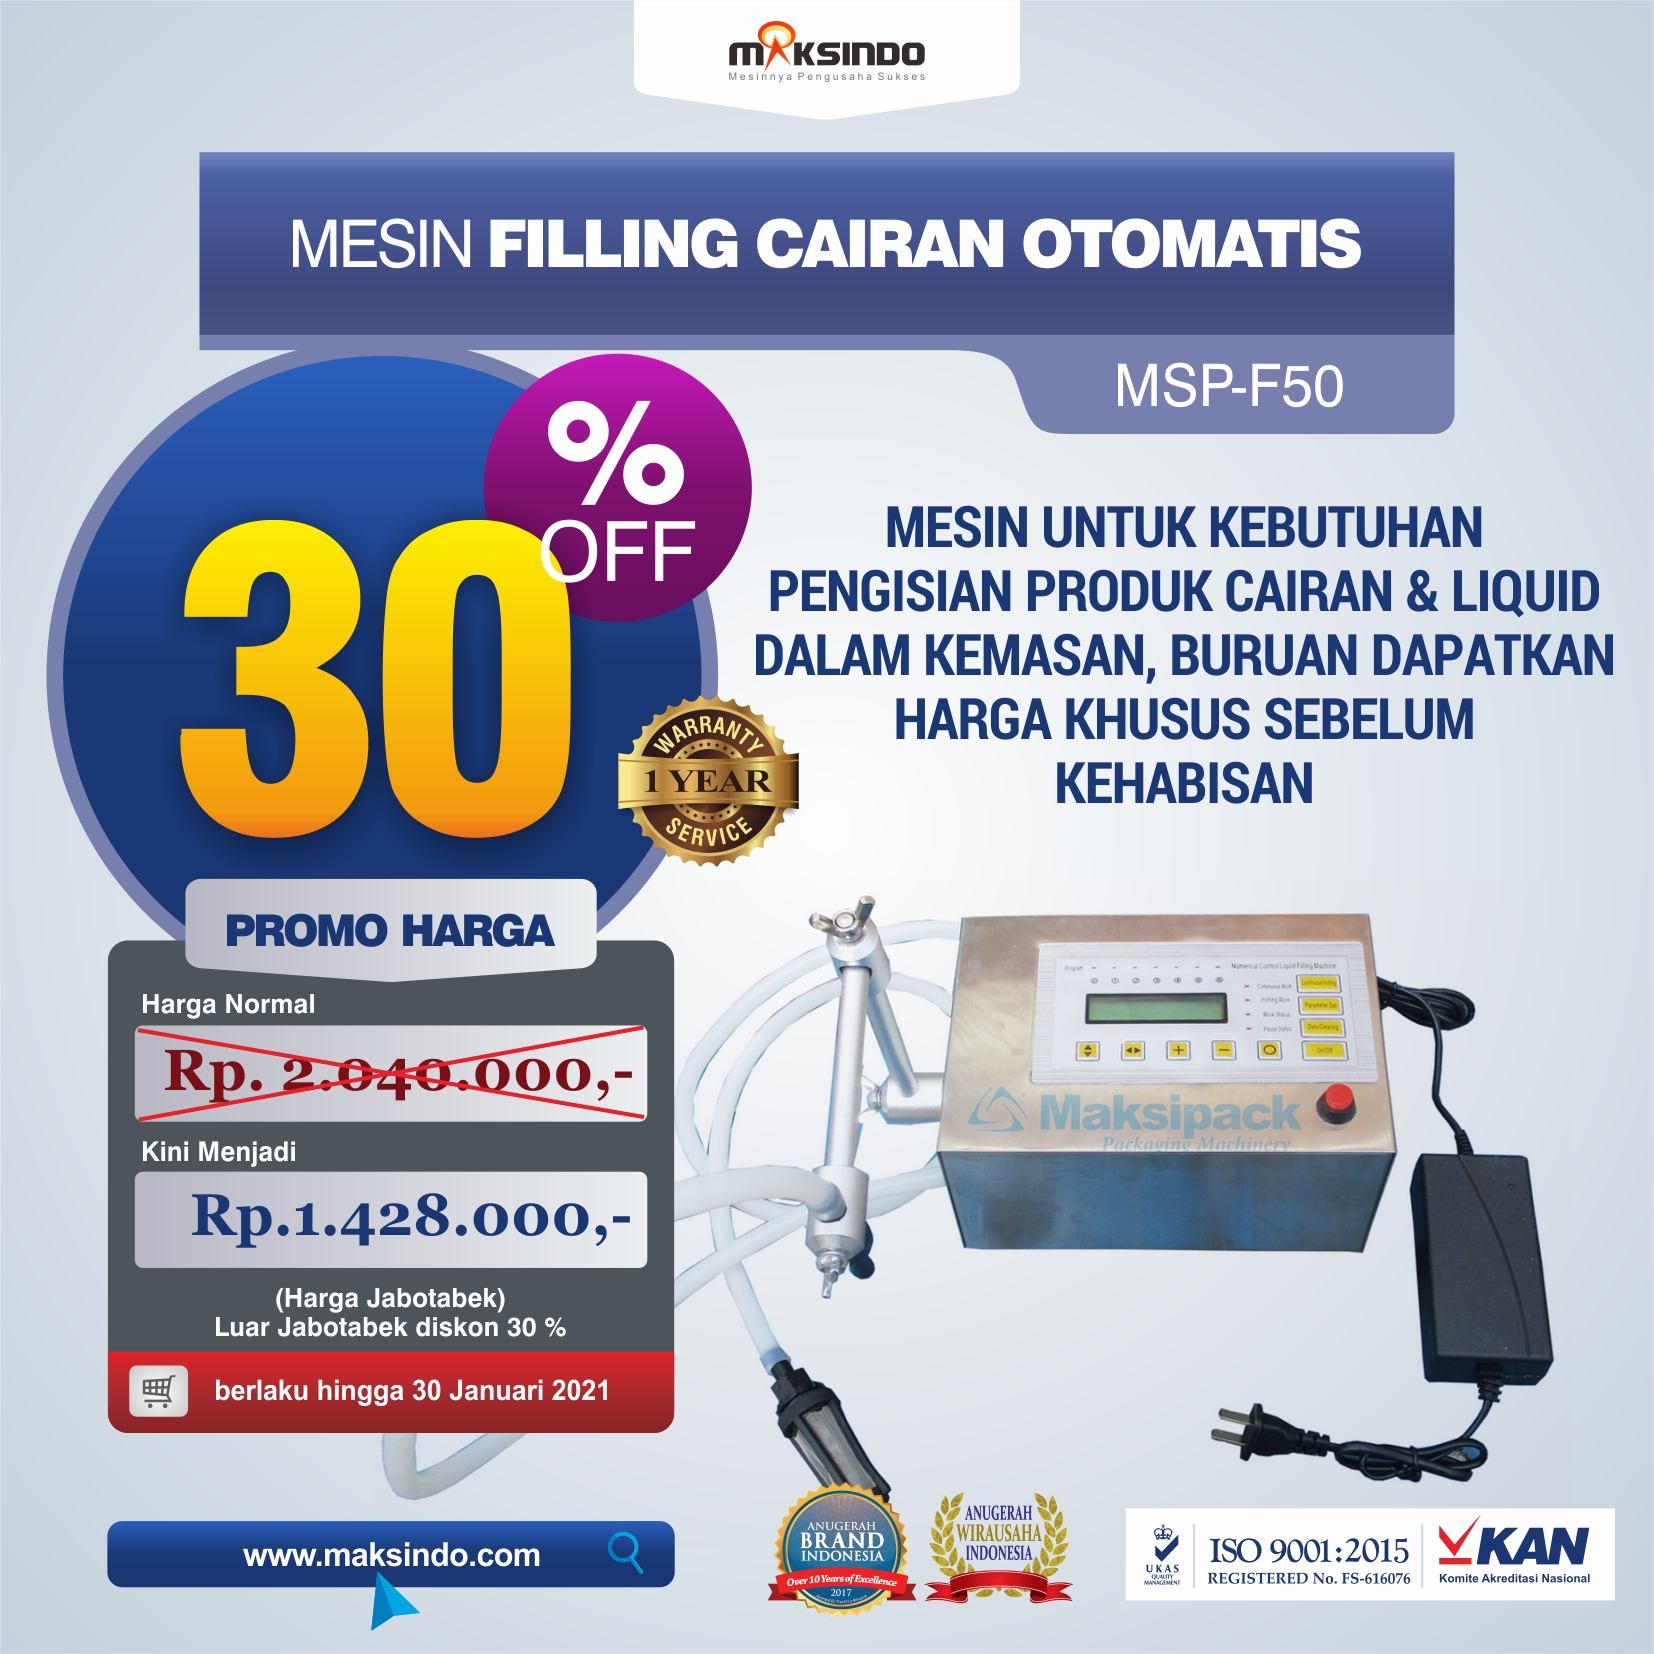 Jual Mesin Filling Cairan Otomatis MSP-F50 di Semarang